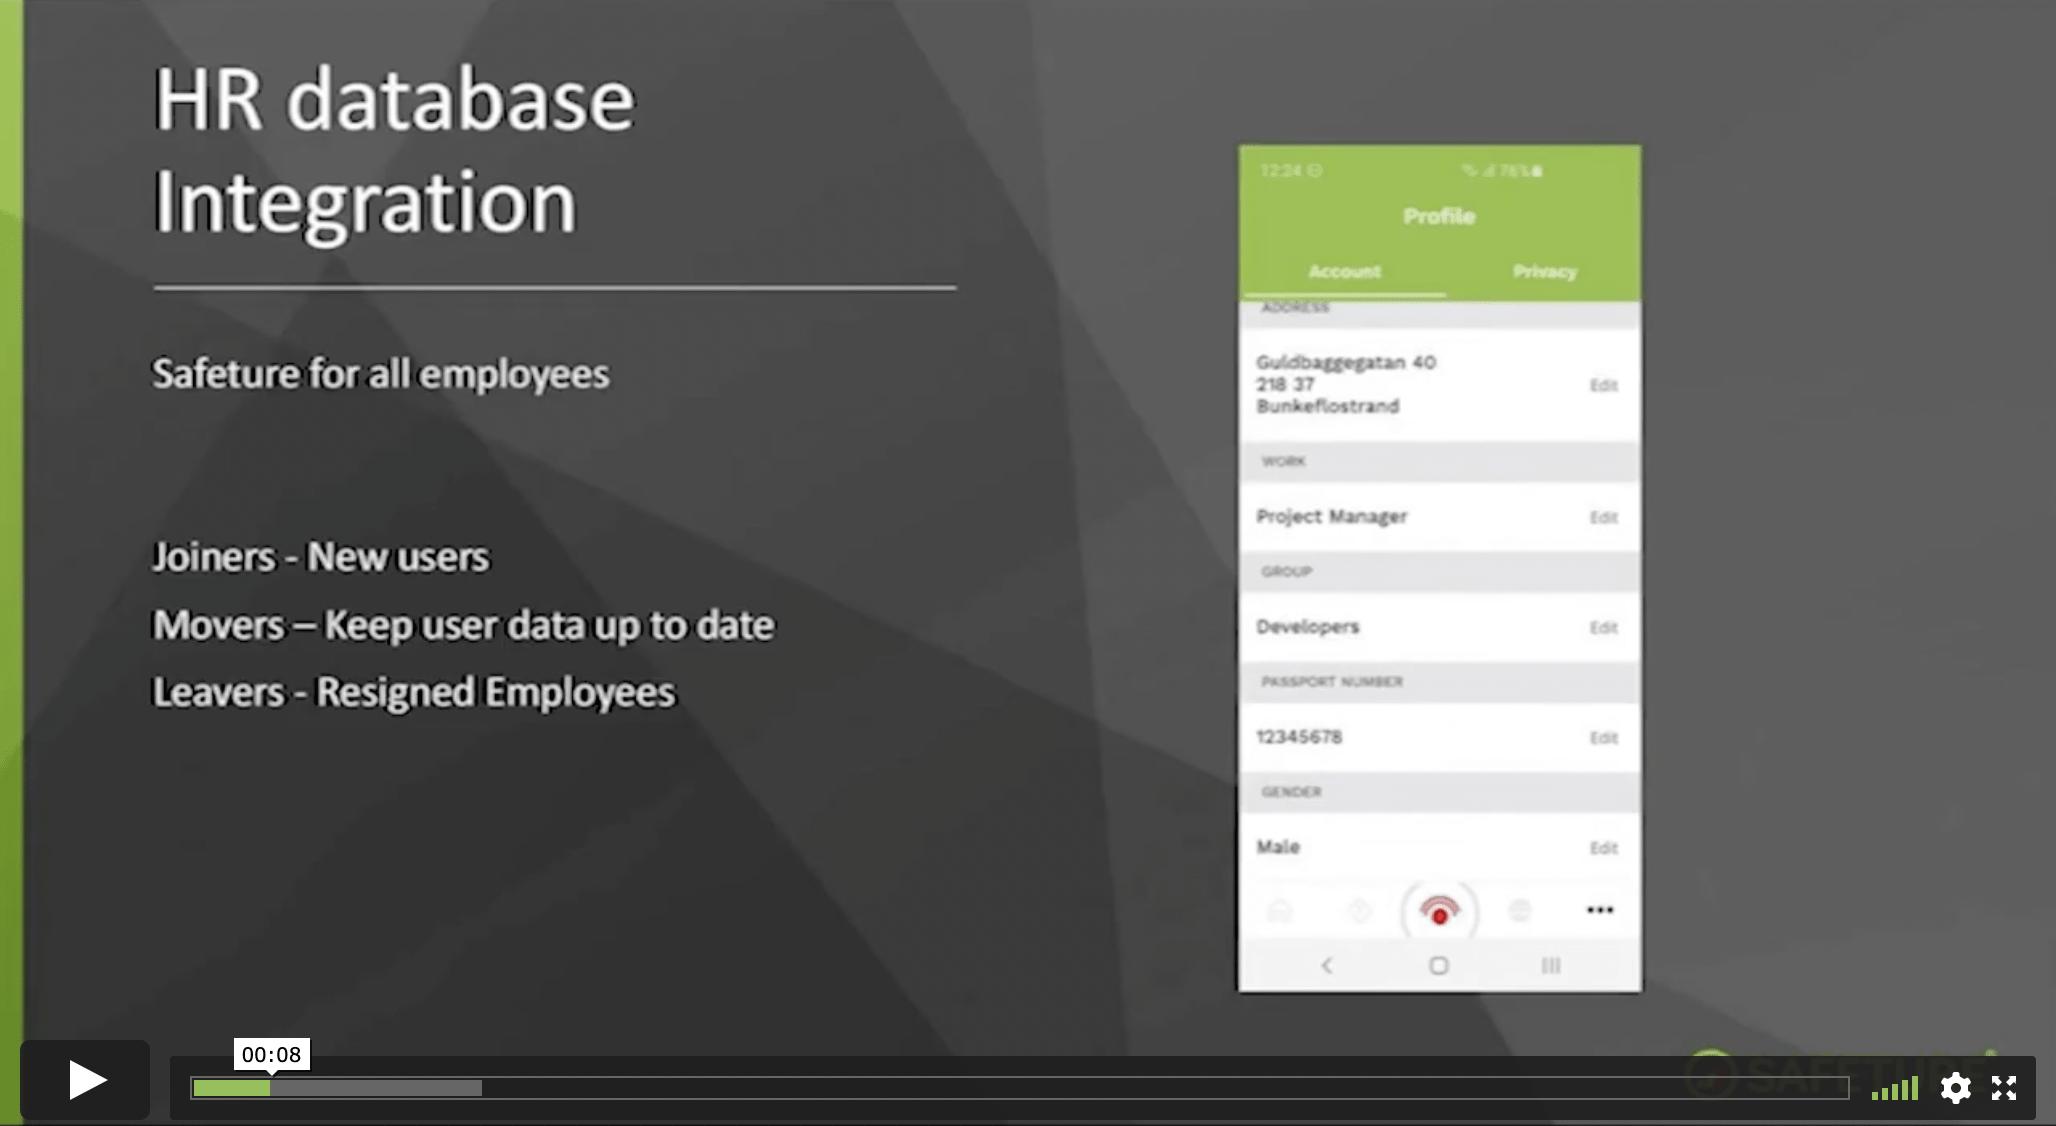 HR-database Integration